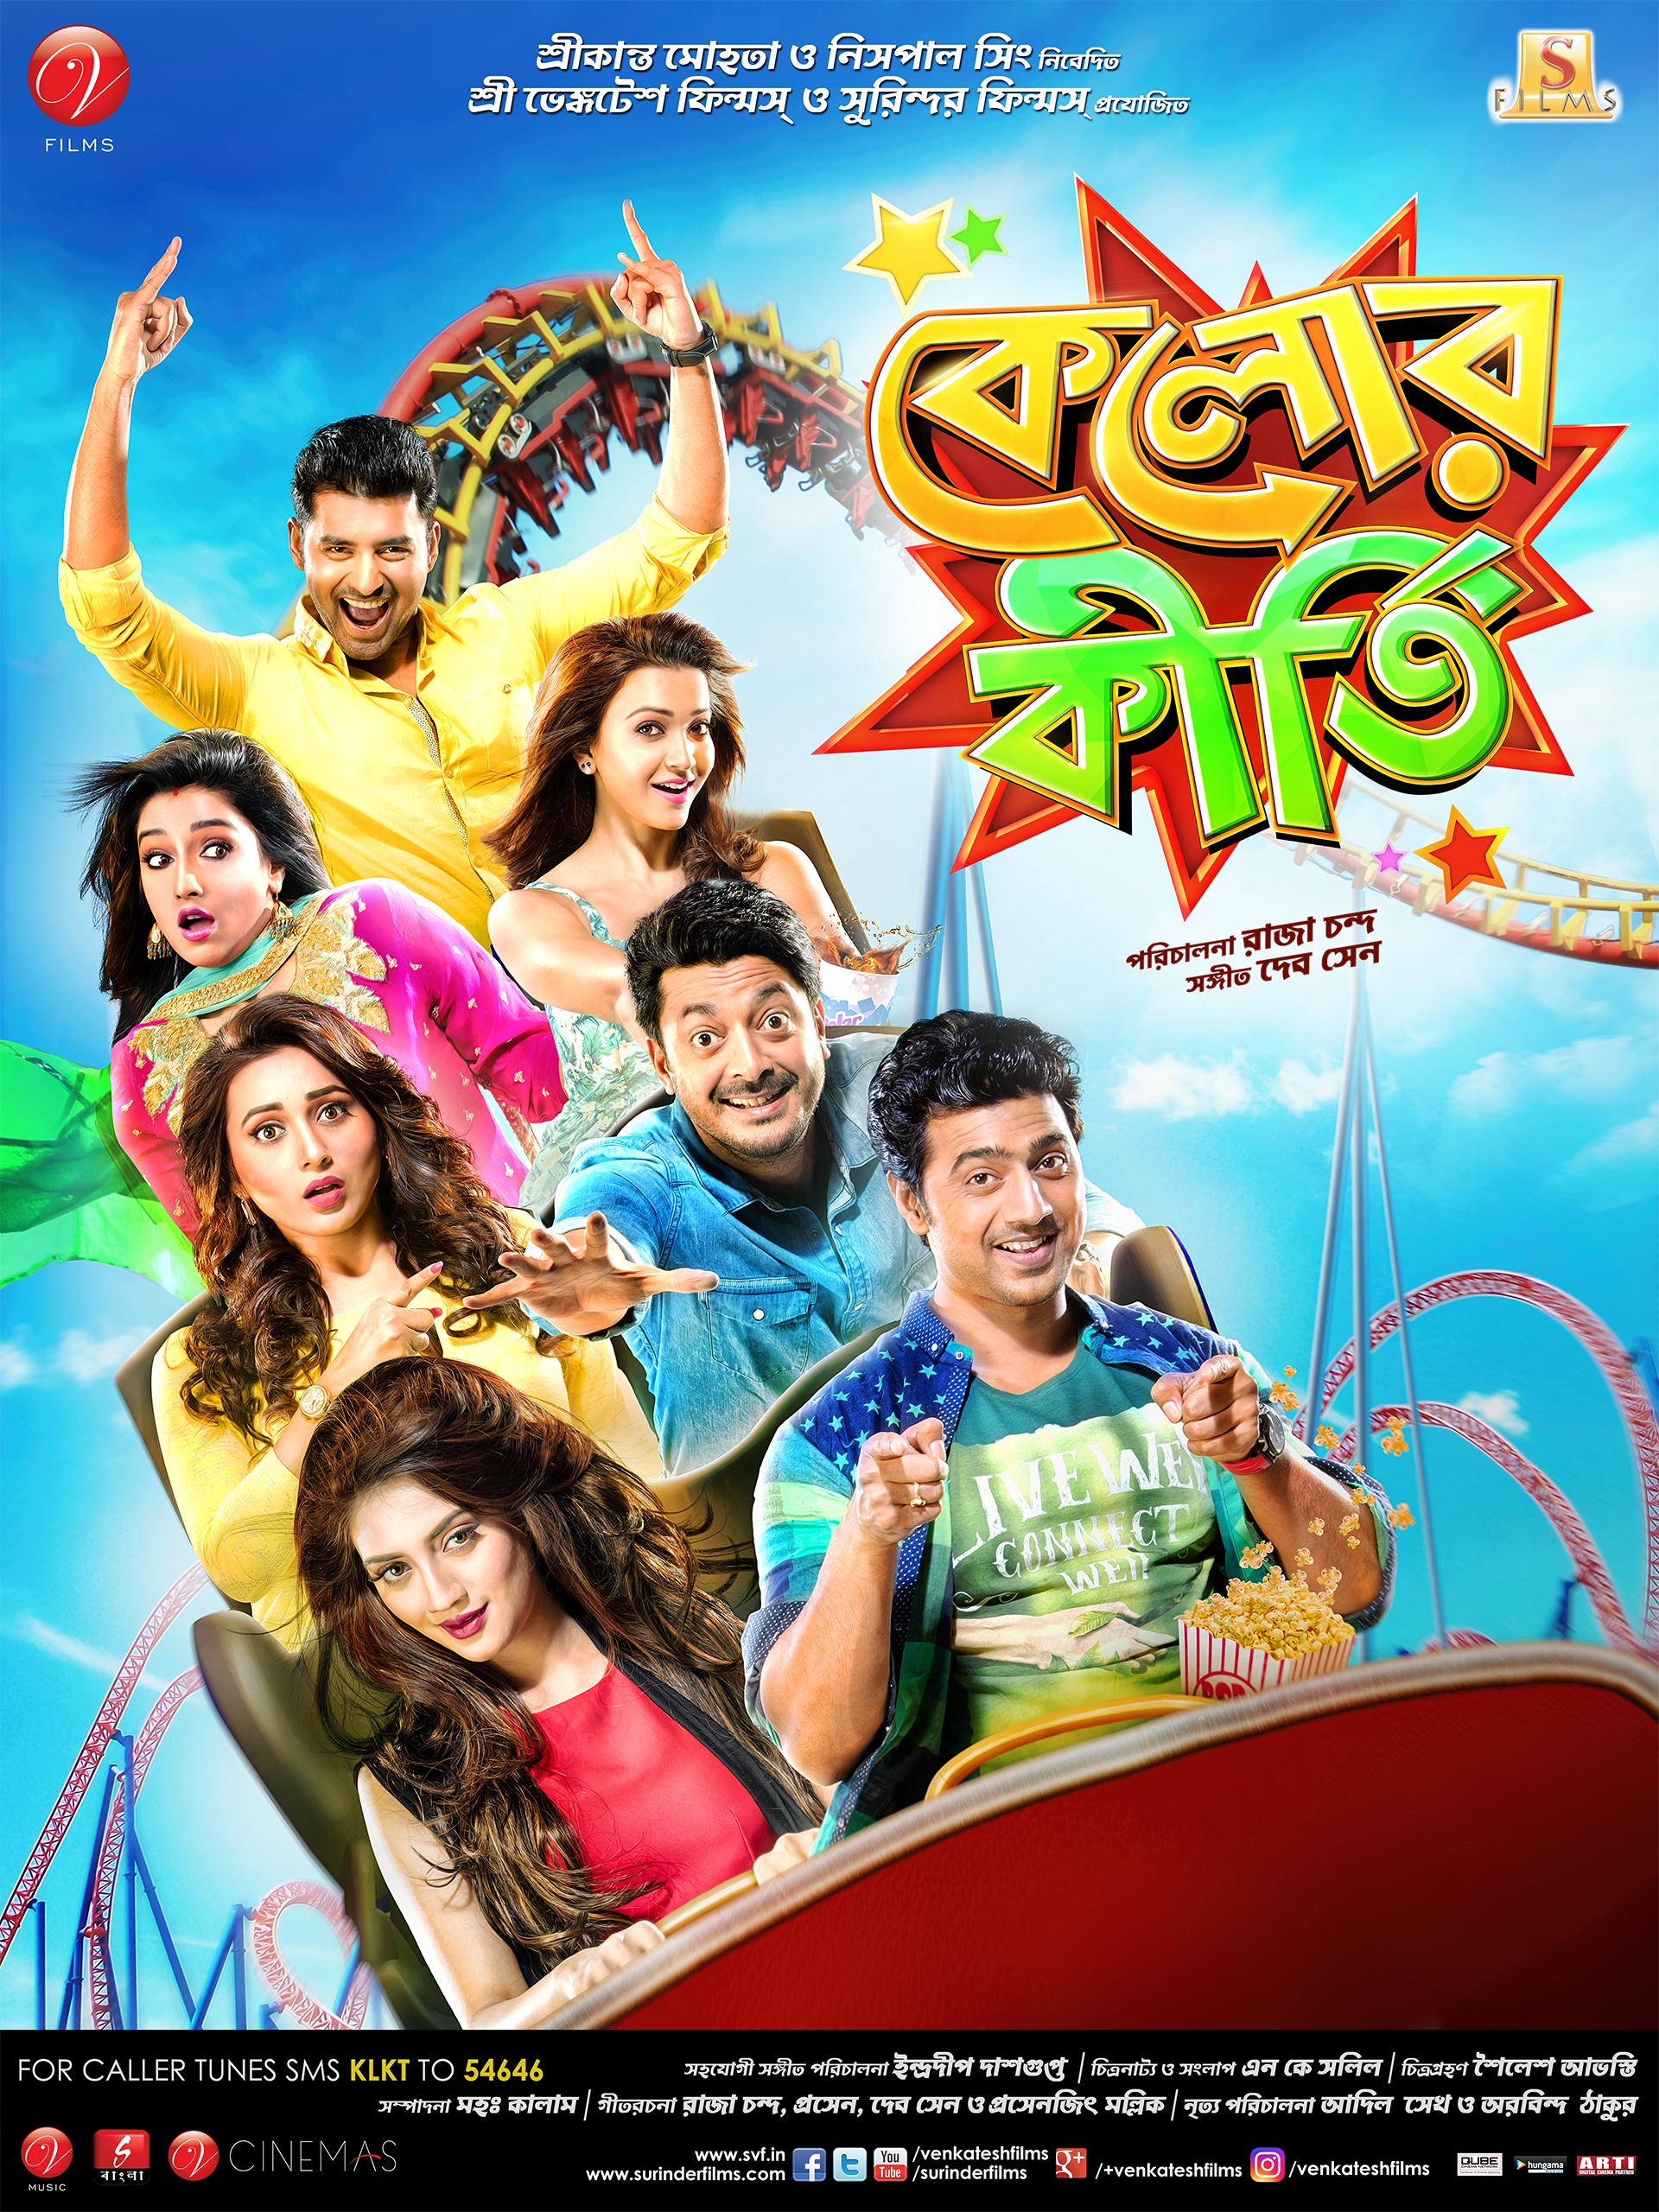 Kelor Kirti (2016) Bengali Full Movie 480p, 720p Download